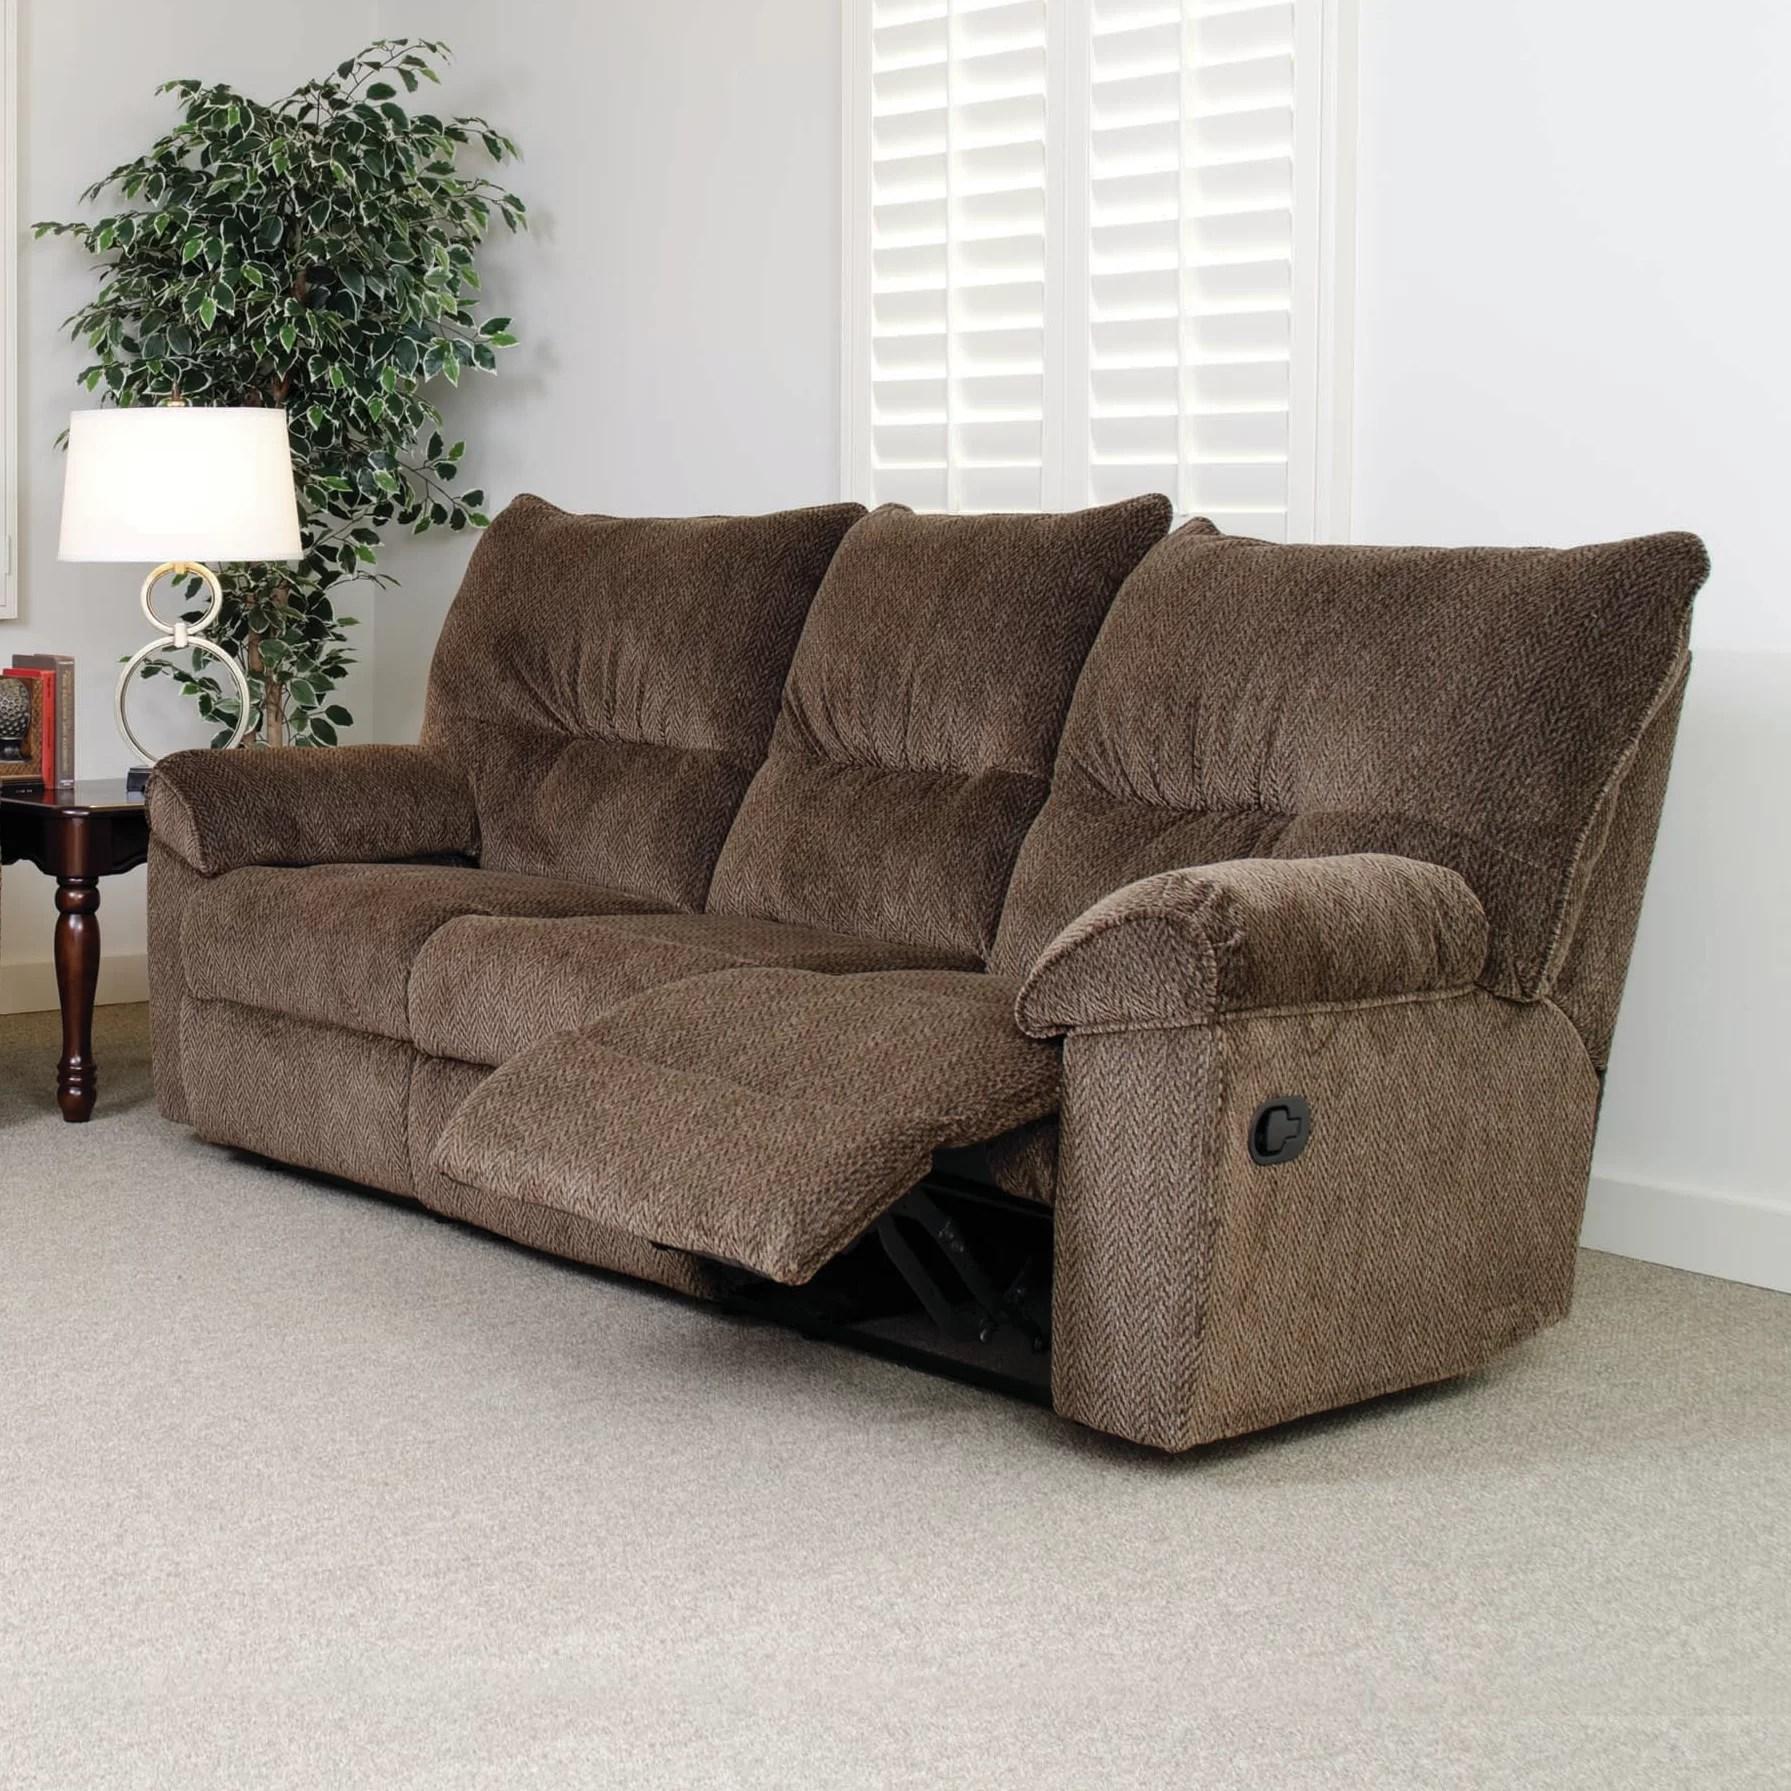 wayfair sofa reviews vladimir kagan cad serta upholstery double reclining and